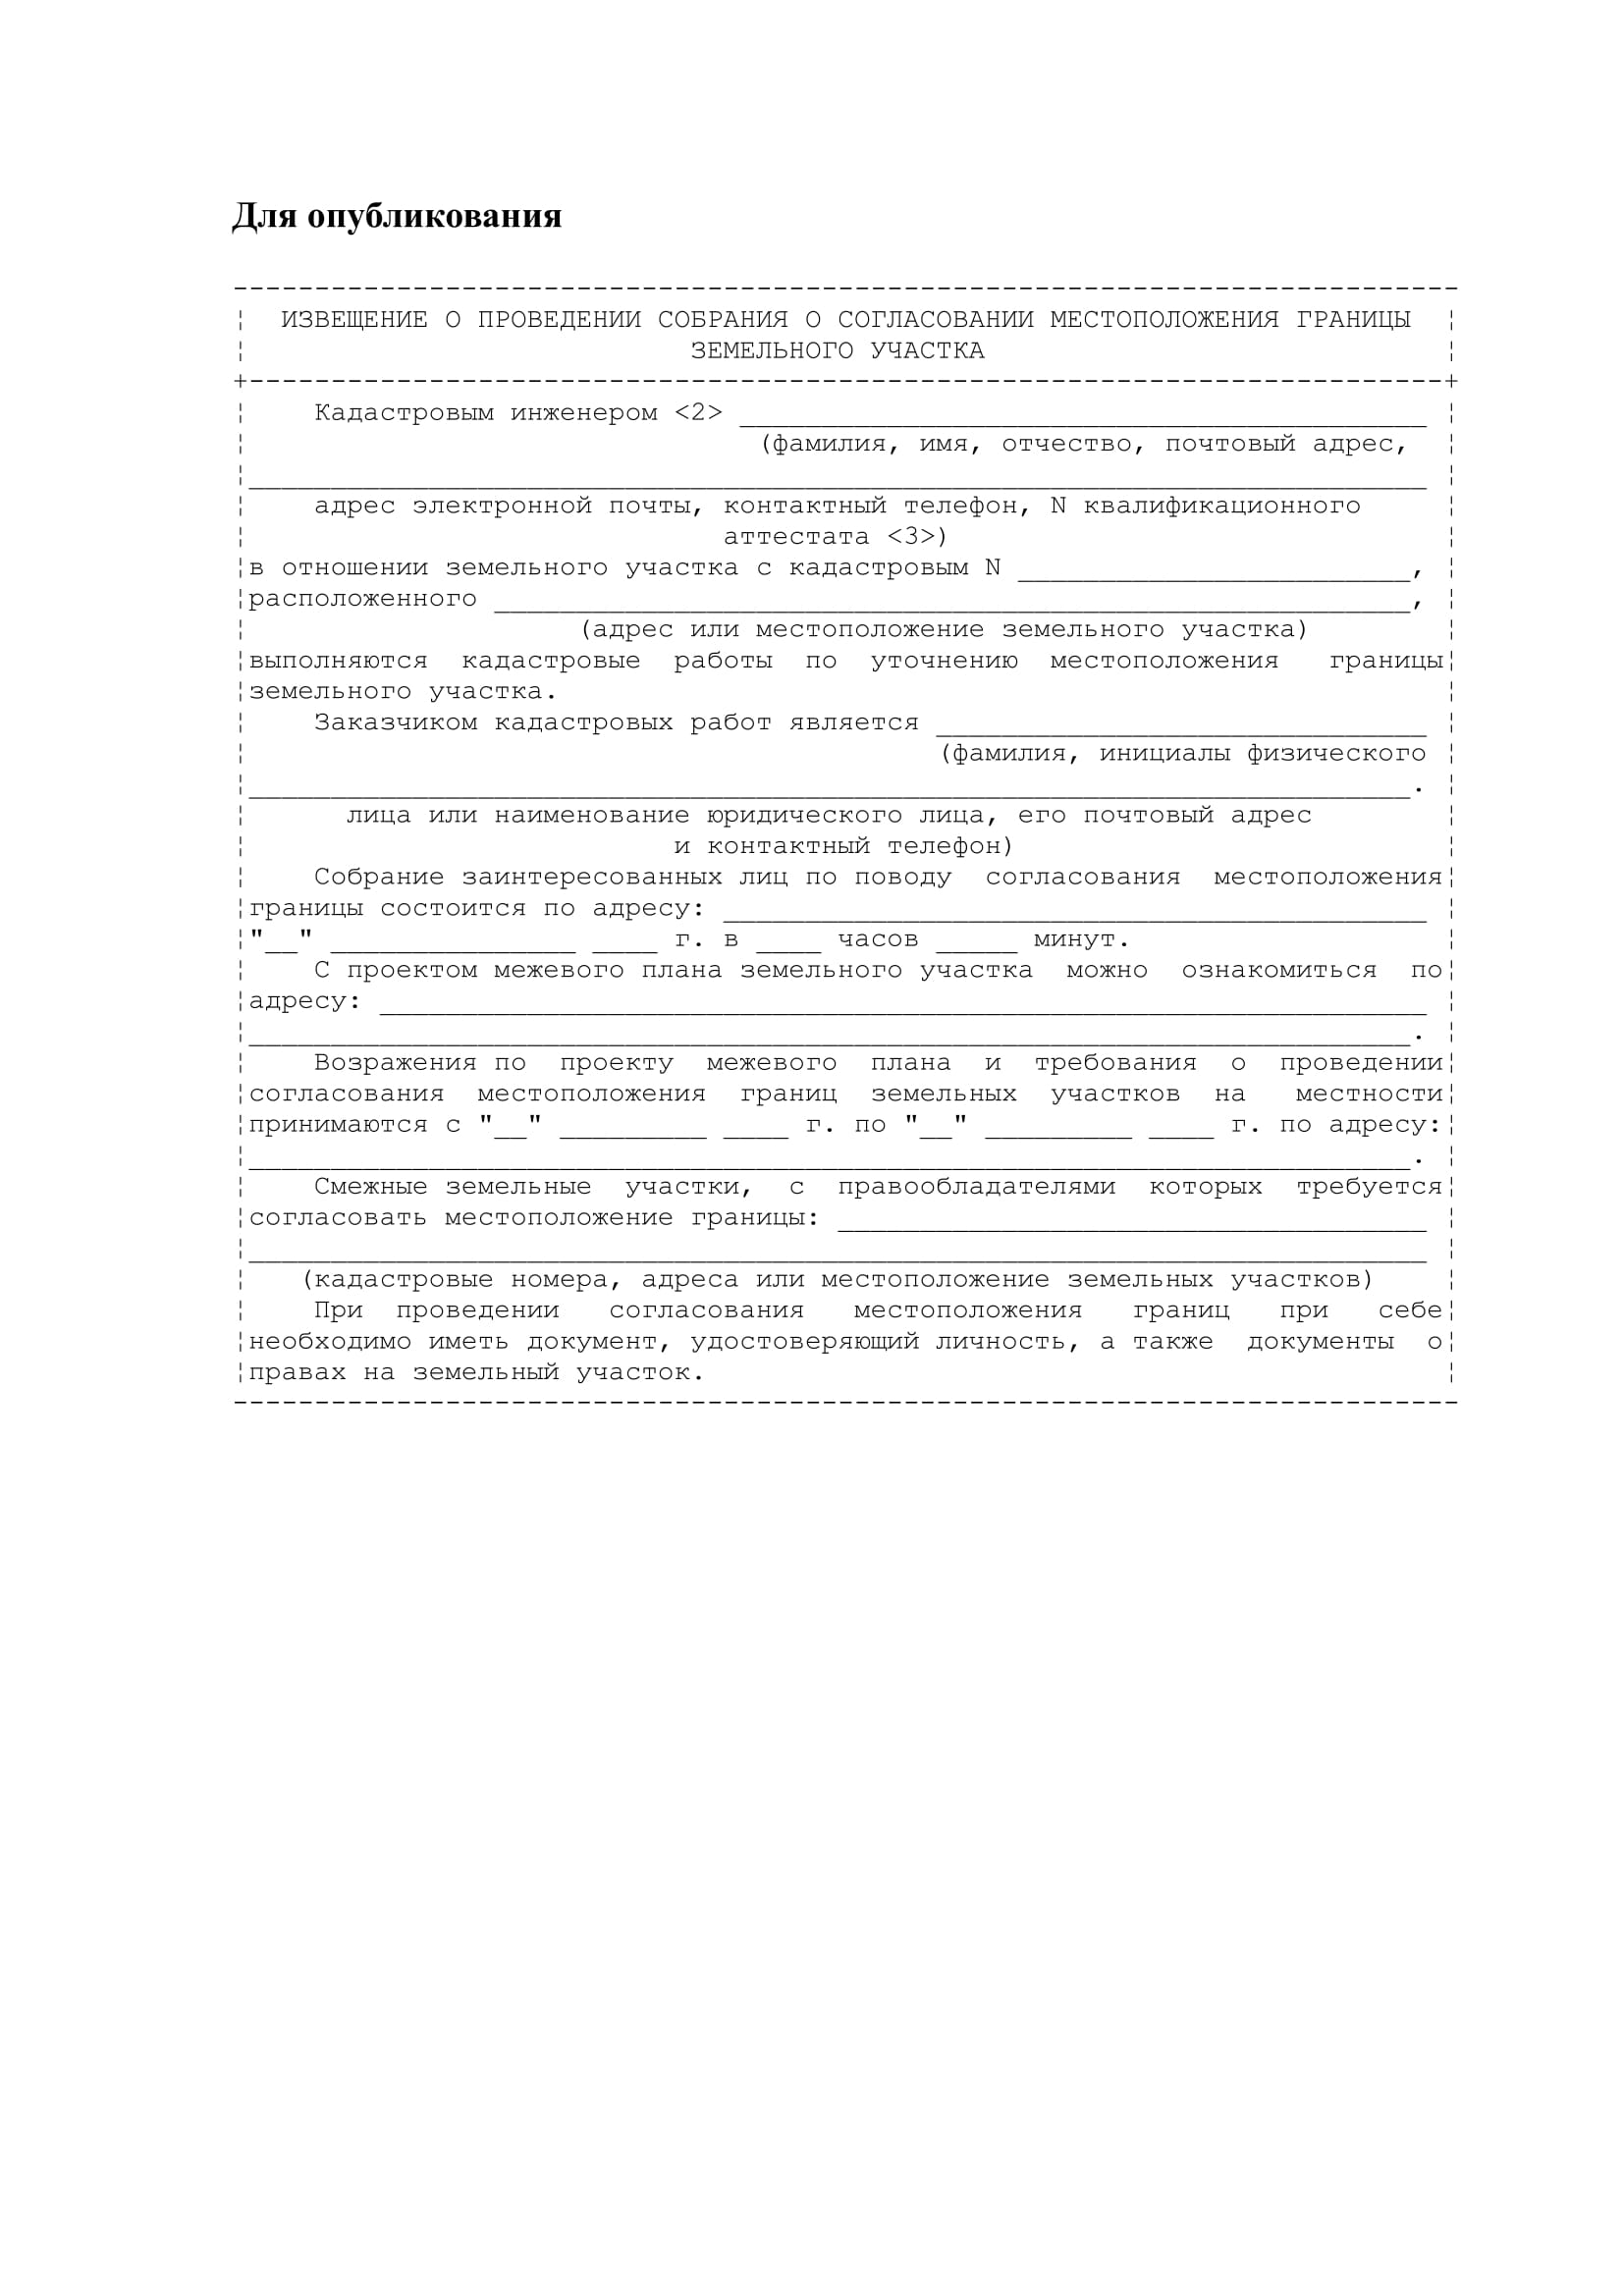 пример объявления при согласовании границ